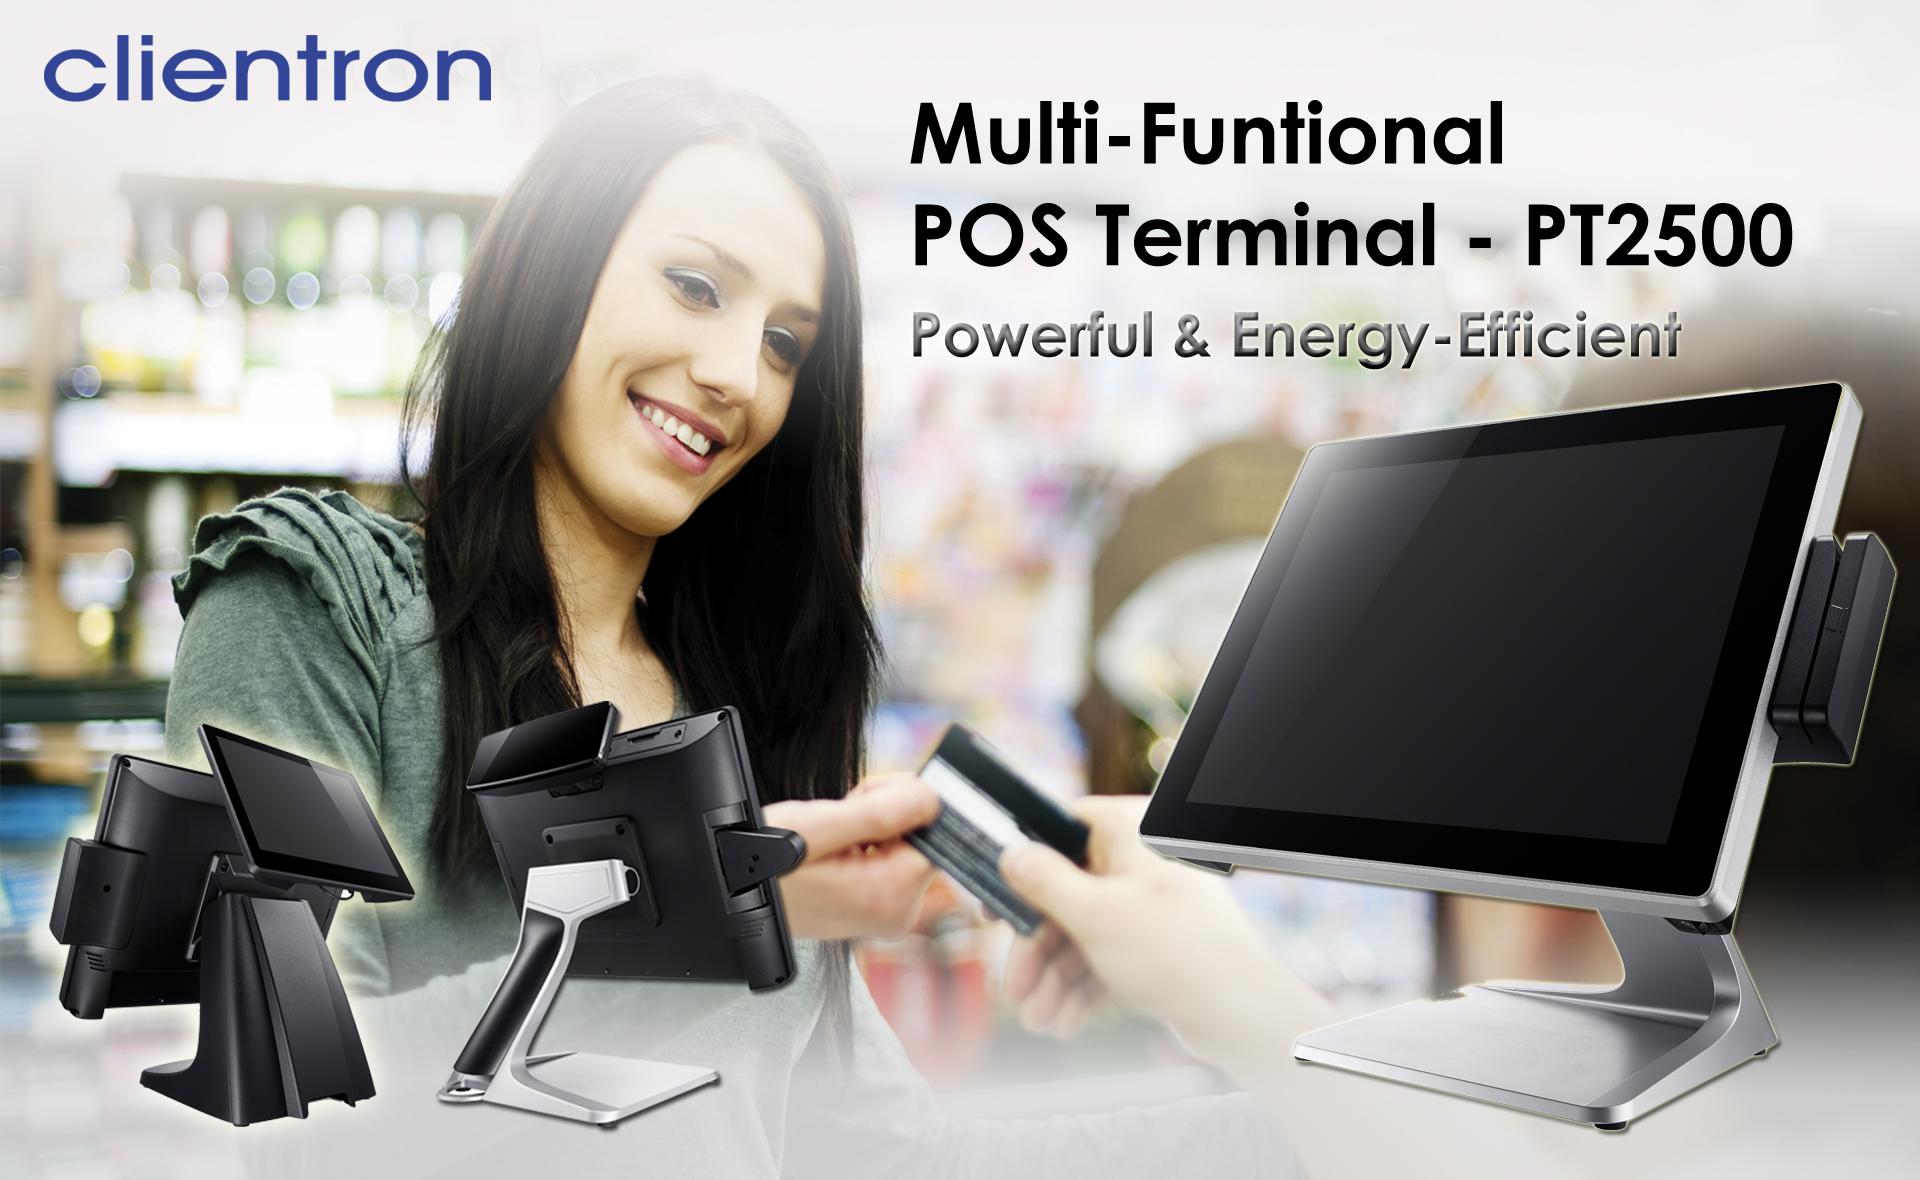 PT2500 POS Terminal